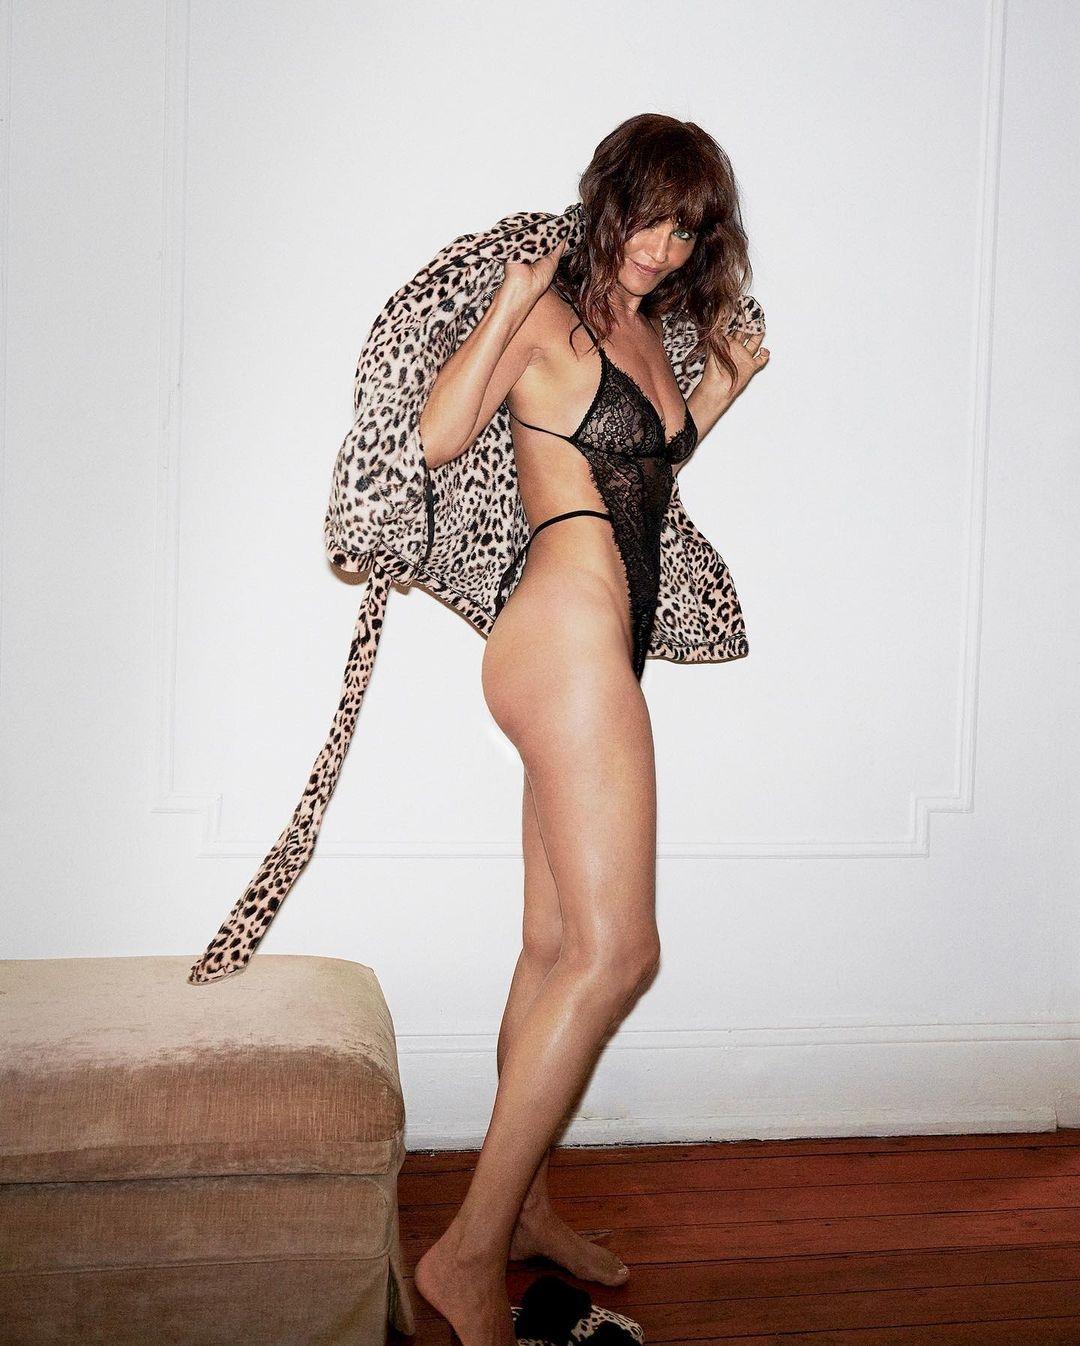 Очень горячо: 51-летняя Хелена Кристенсен снялась в рекламе нижнего белья (ФОТО) - фото №2